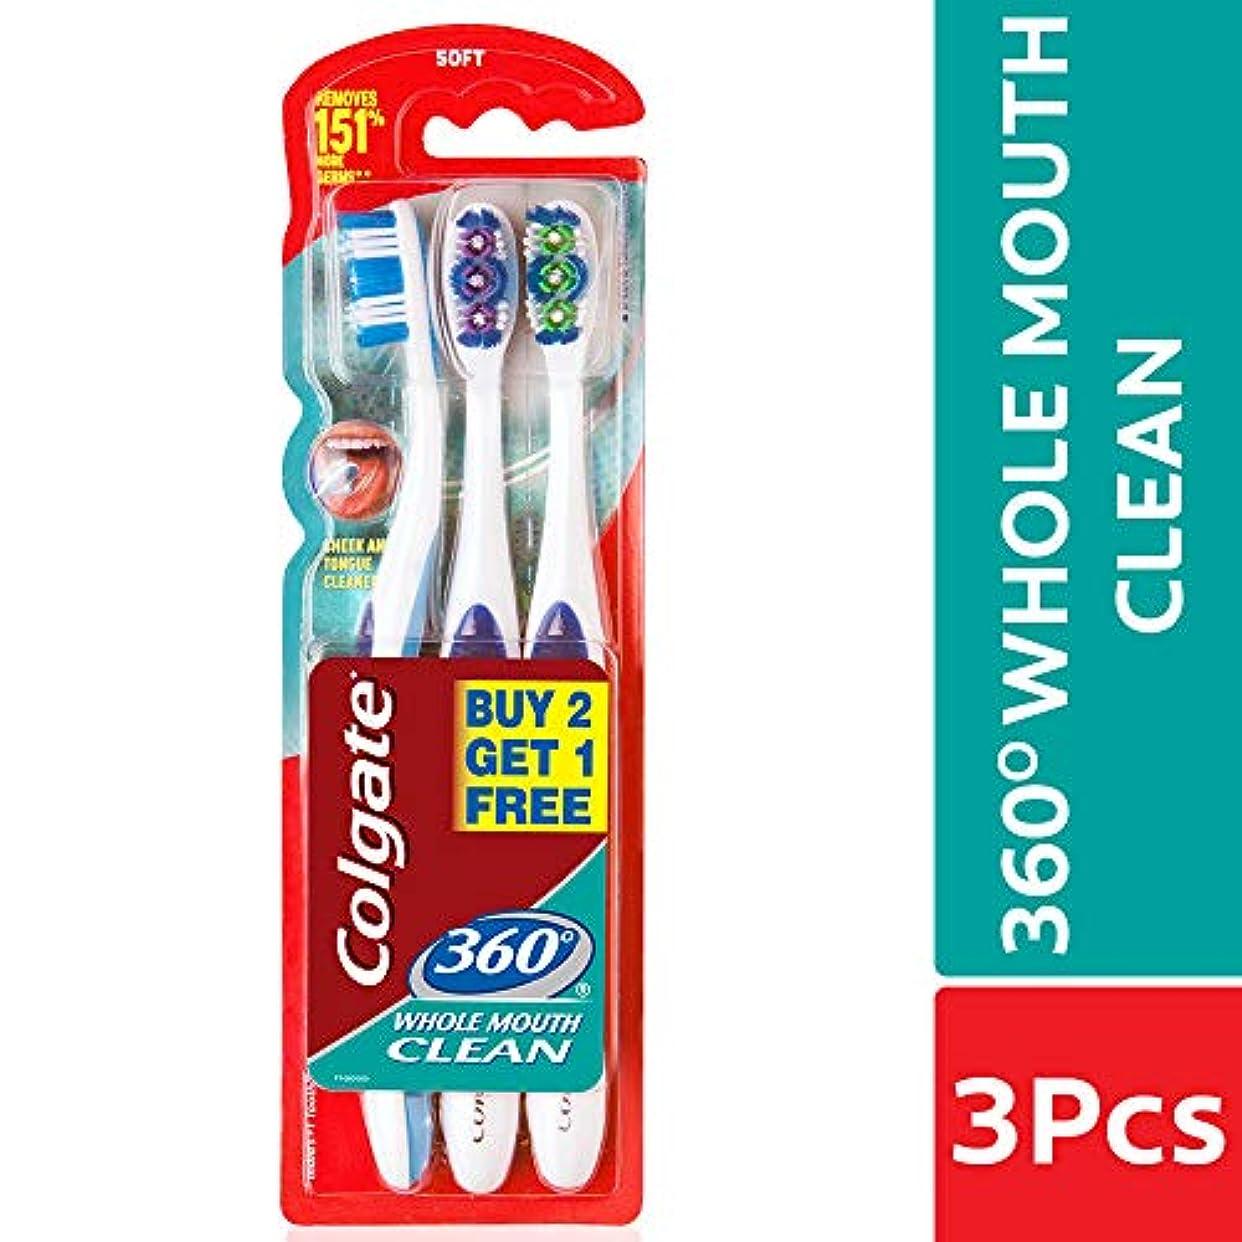 送信するトーン結婚Colgate 360 whole mouth clean (MEDIUM) toothbrush (3pc pack)